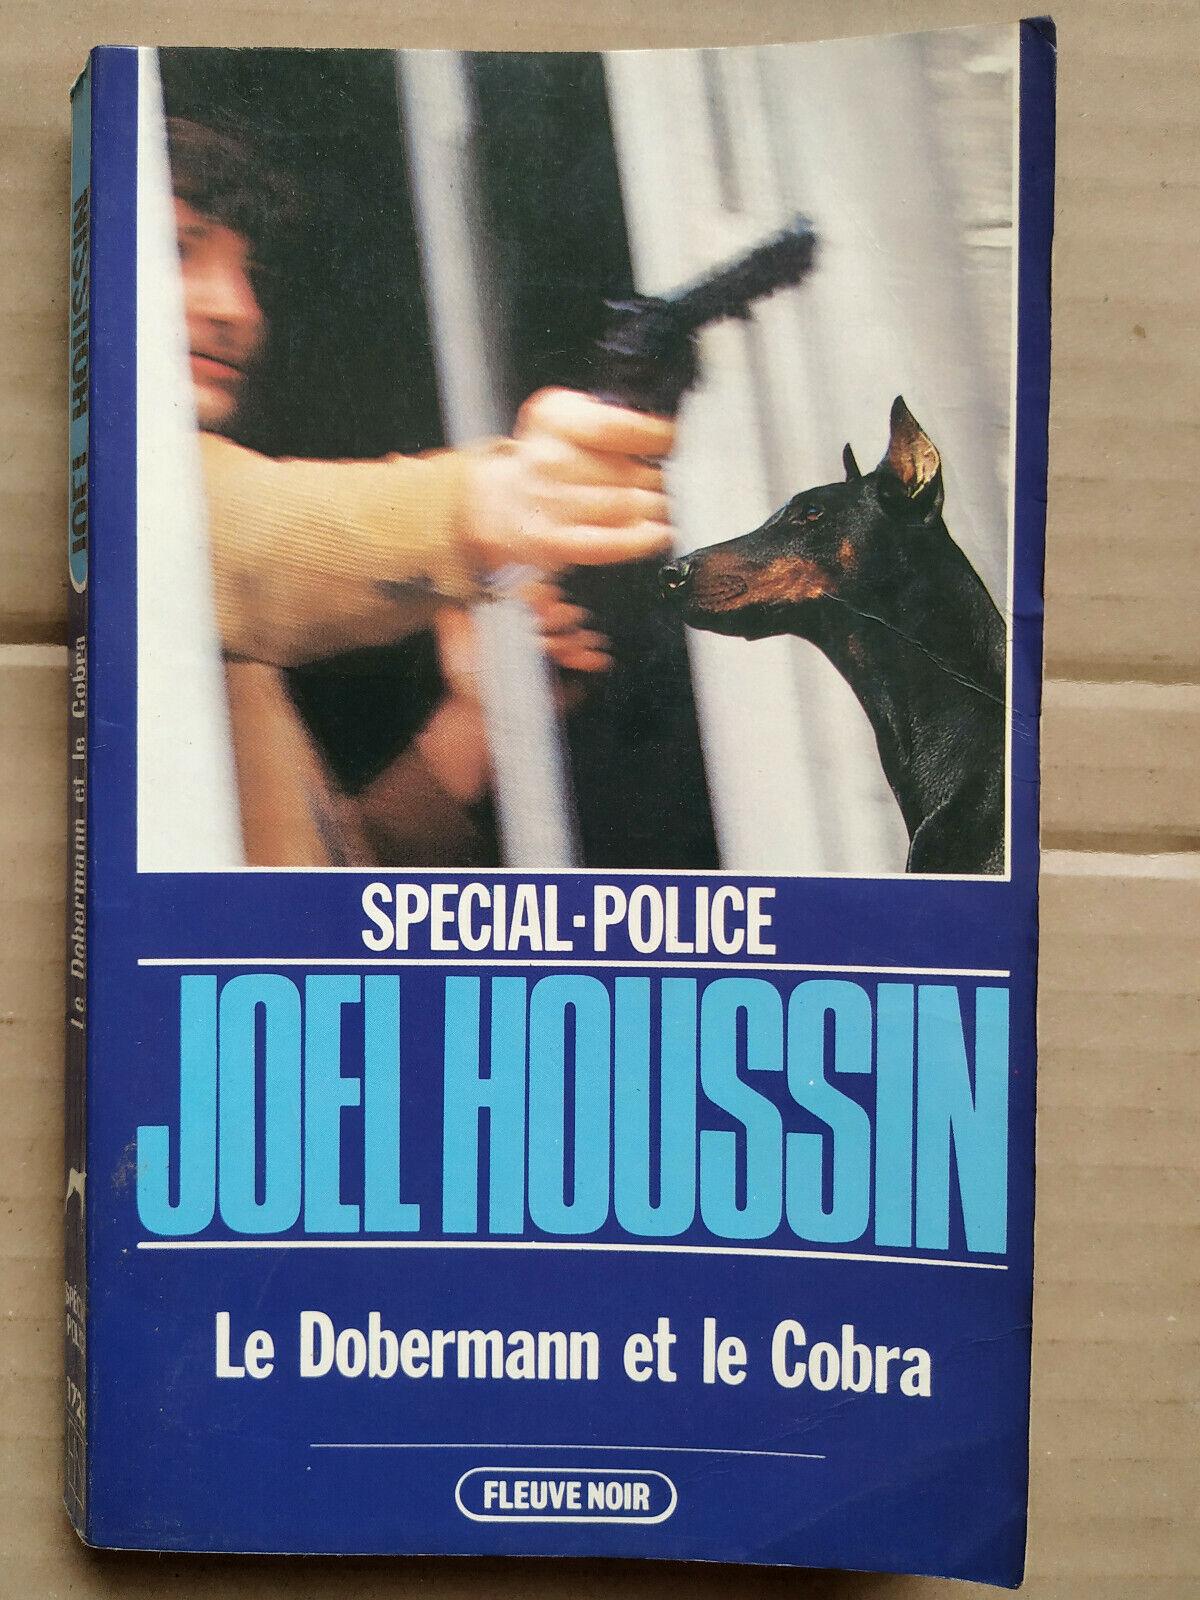 Joel houssin - le dobermann et le cobra/ fleuve noir spécial police, 1982